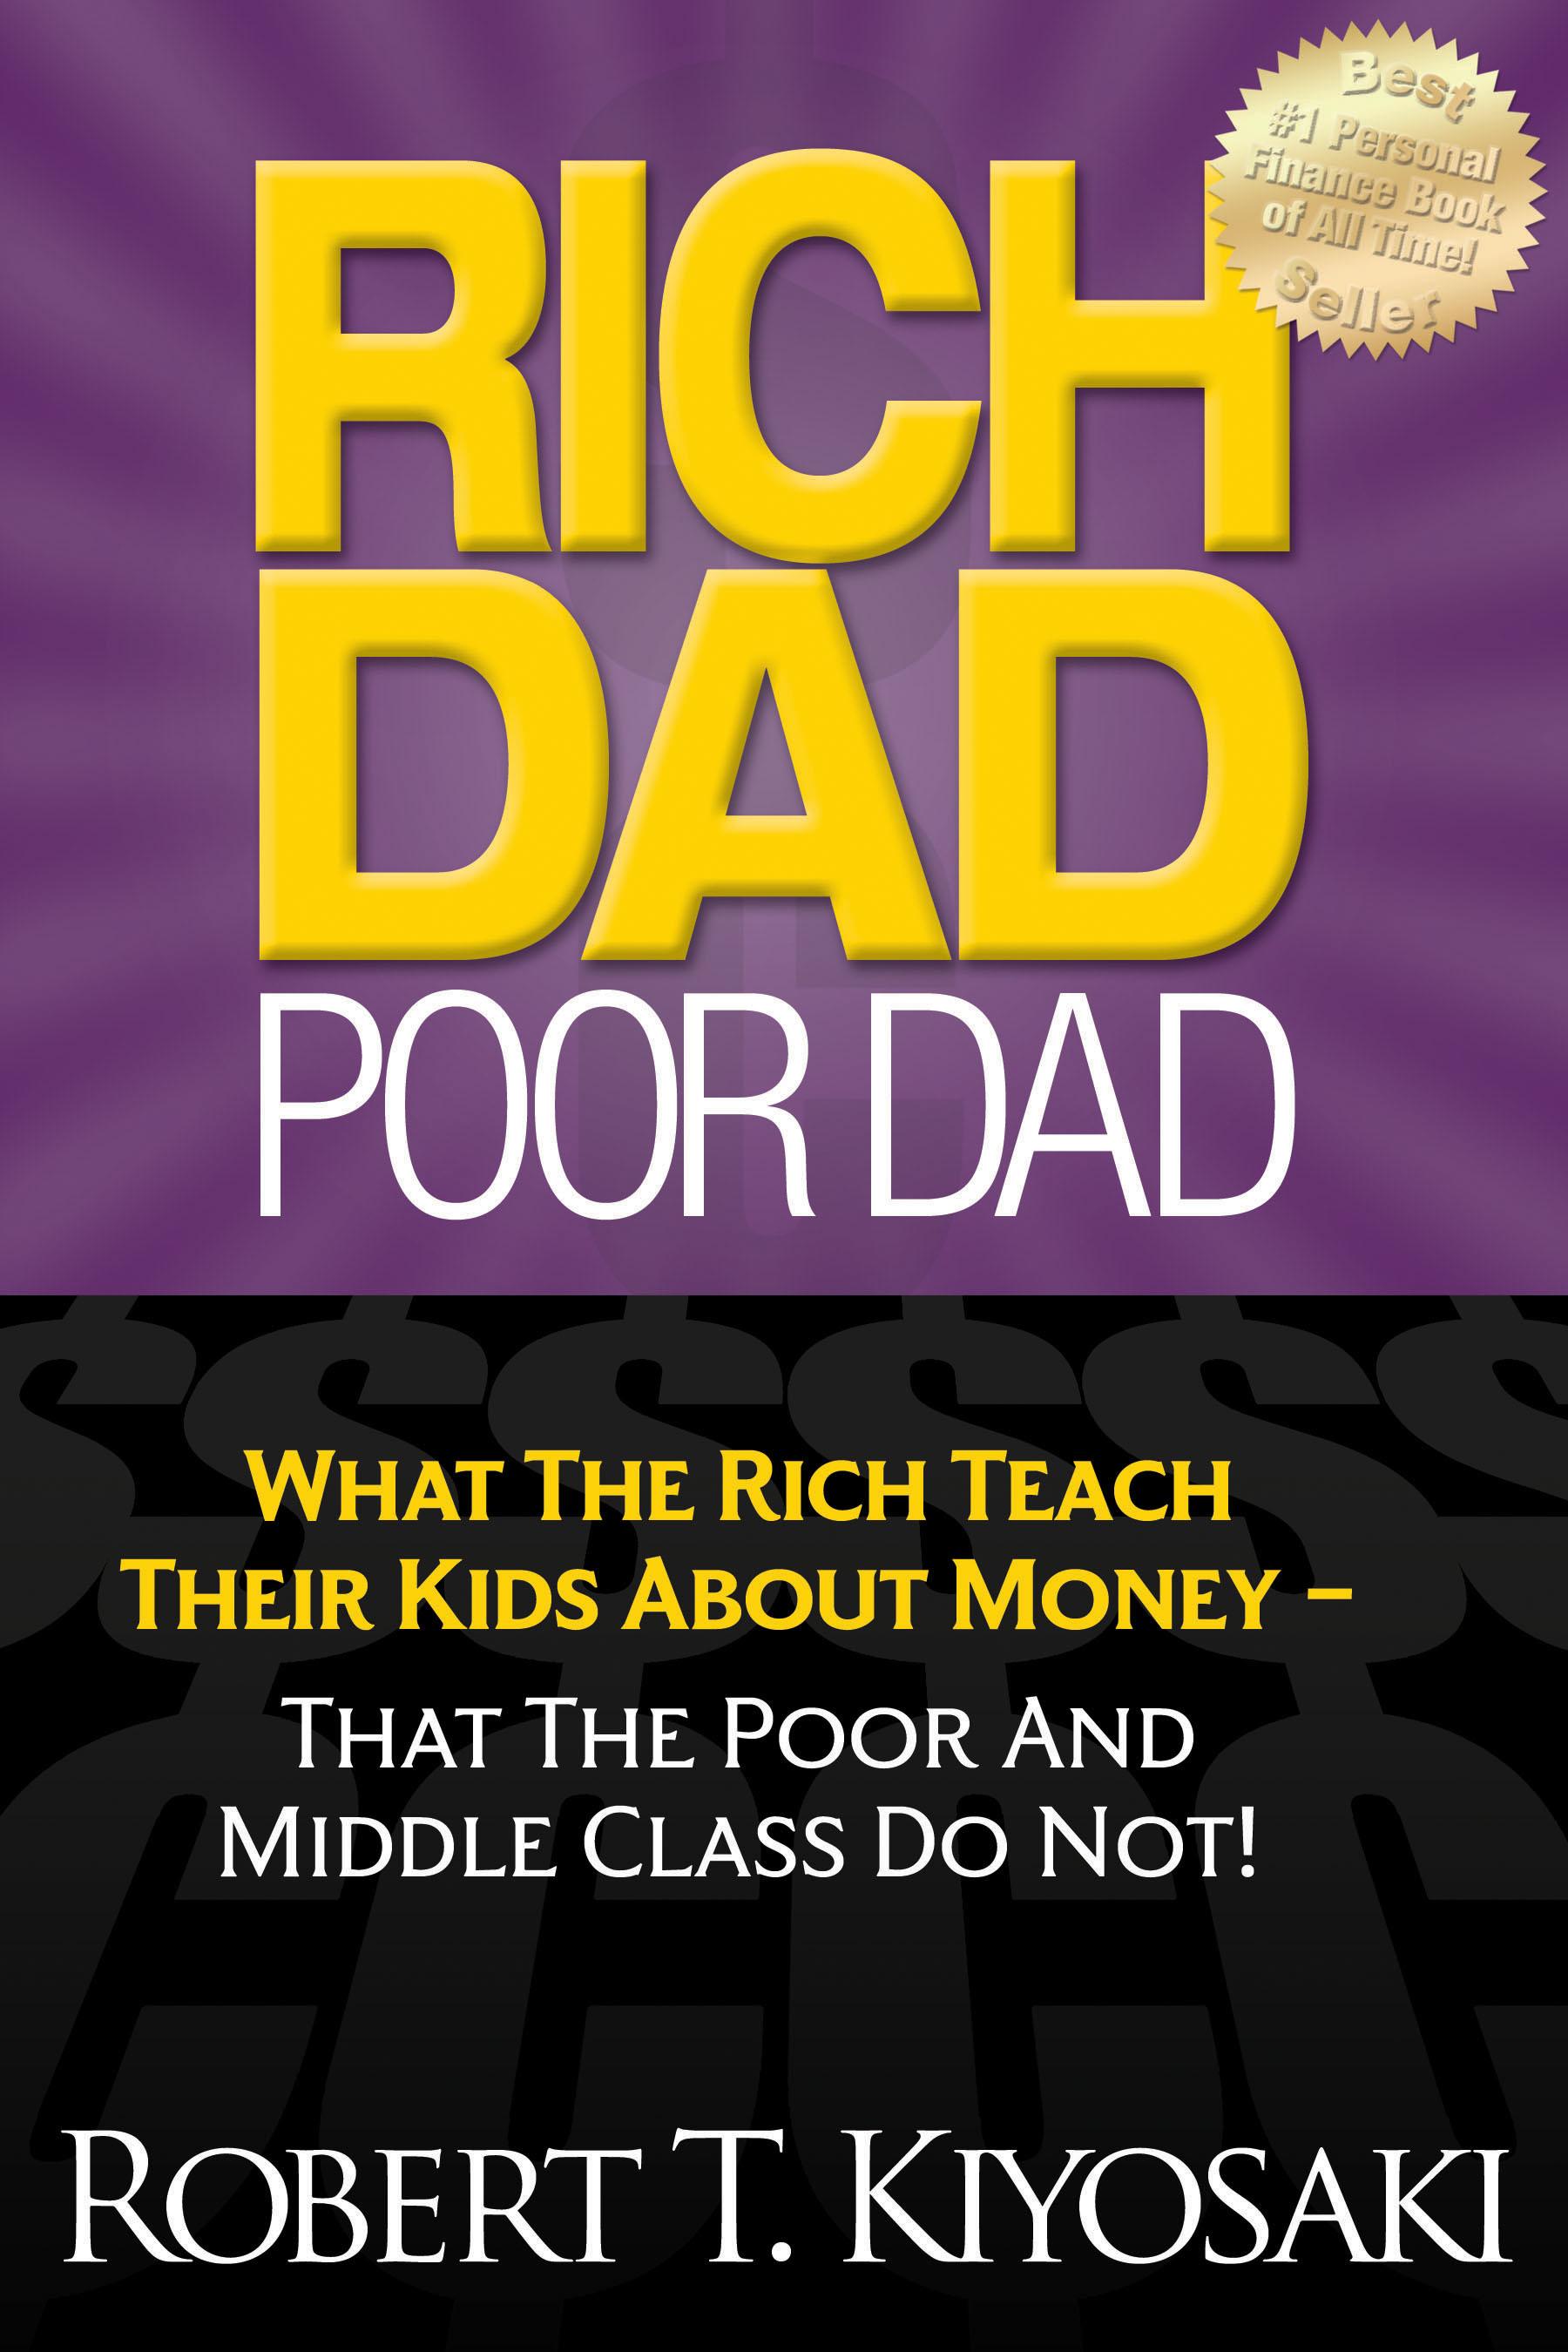 الأب الغني والأب الفقير: دليلك للحرية المالية